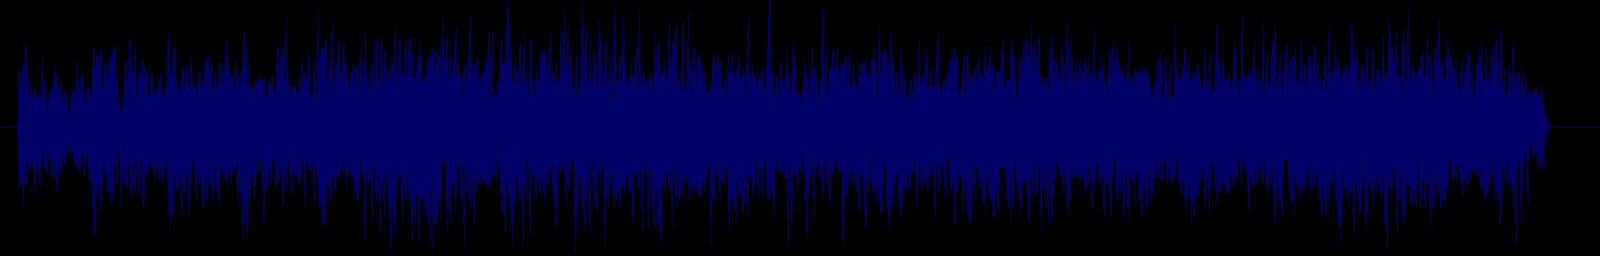 waveform of track #146196